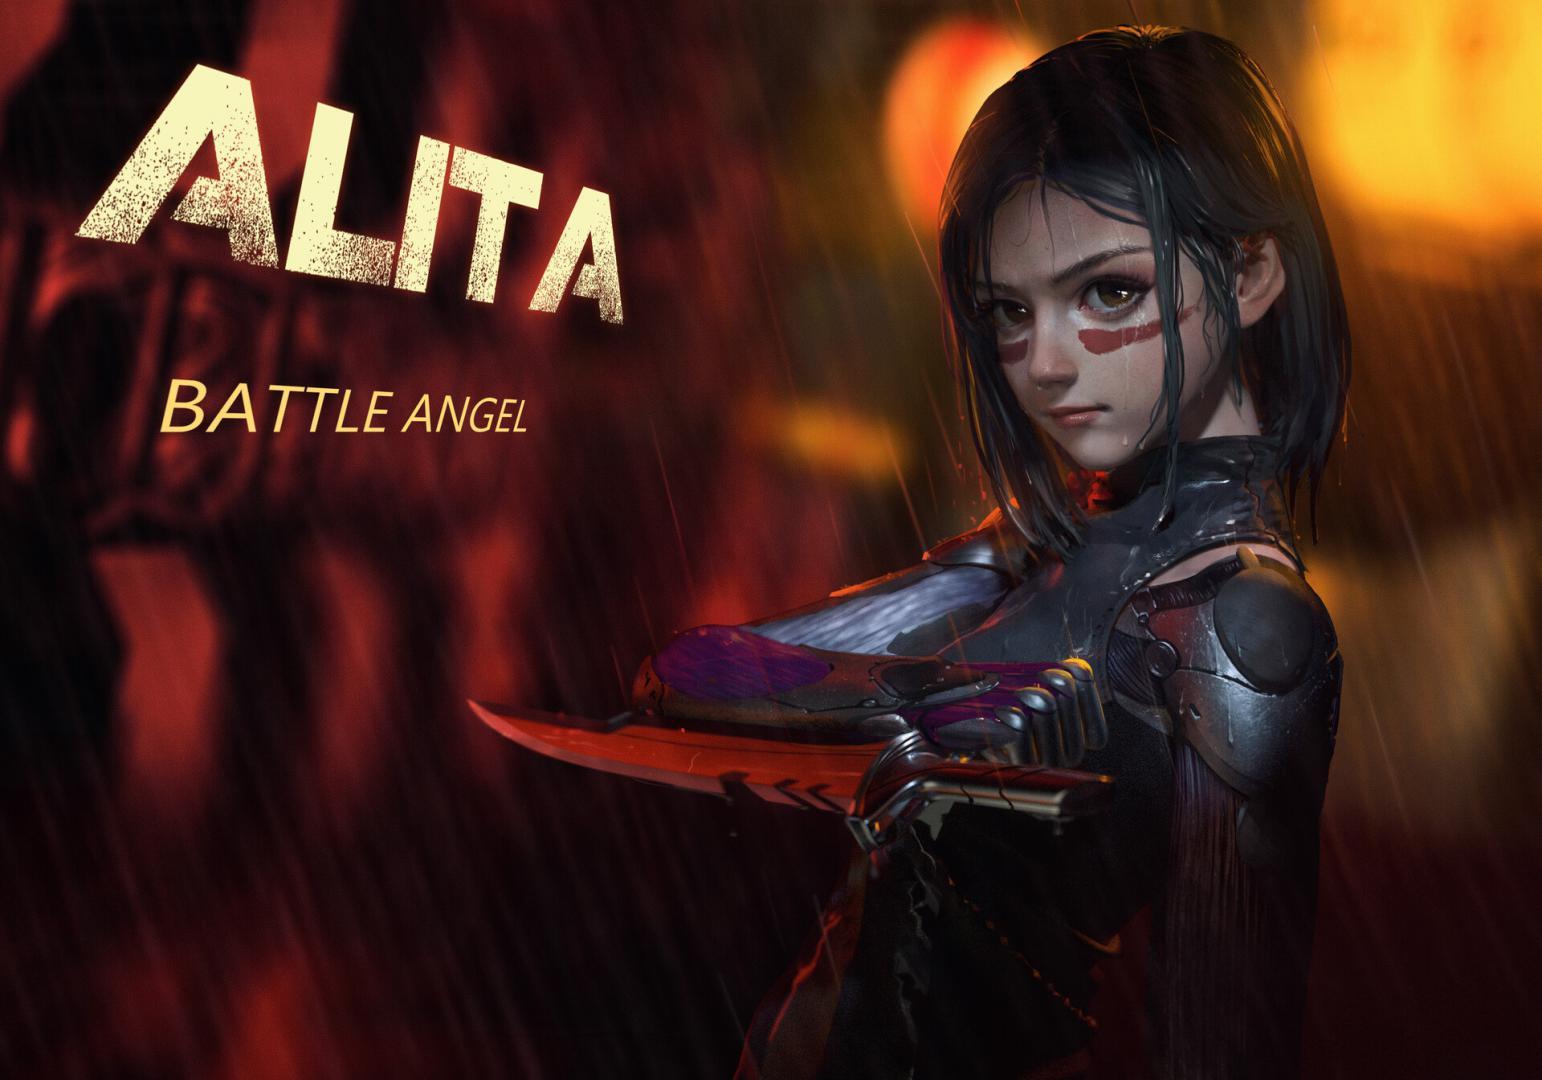 Алита боевой ангел обои на телефон, Alita Battle Angel, 1920 на 1344 пикселей